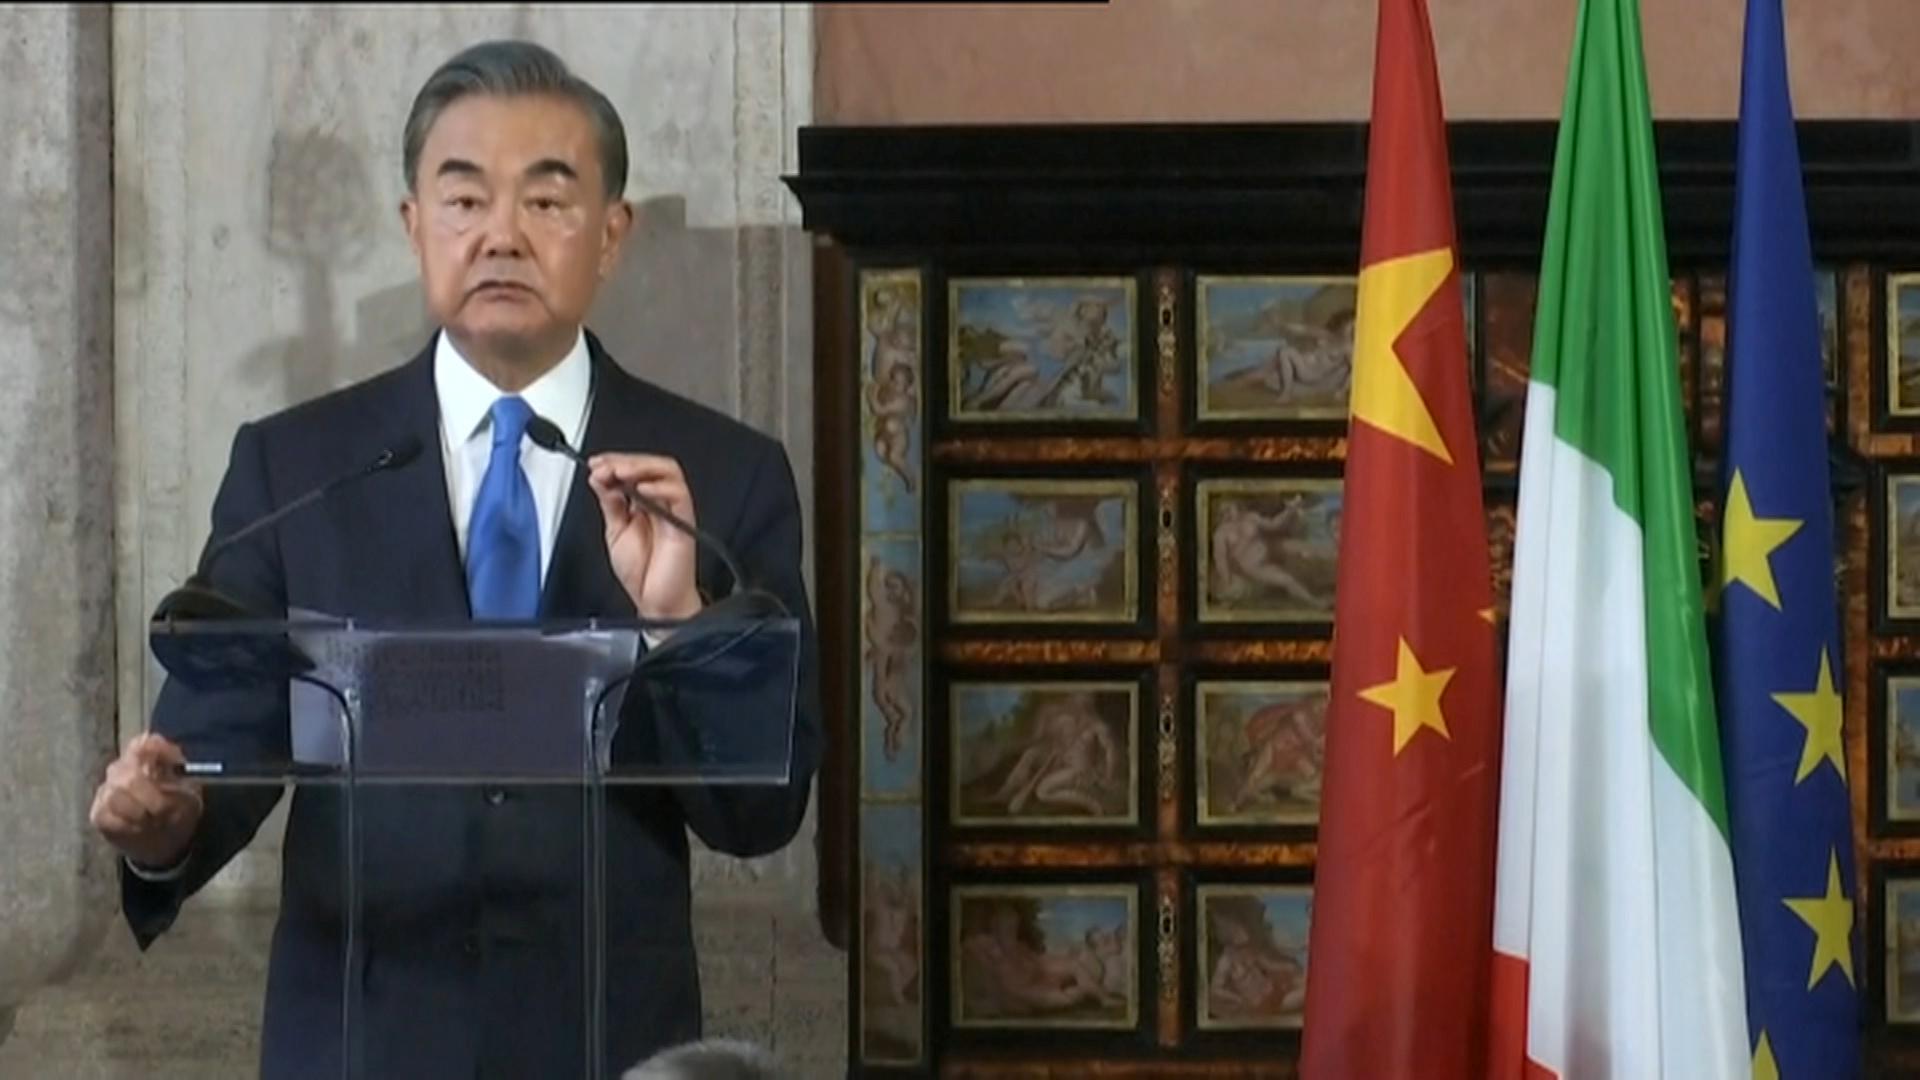 وزير الخارجية الصيني، وان إي، في مؤتمر صحفي خلال زيارته إلى روما يوم 25 أغسطس 2020.